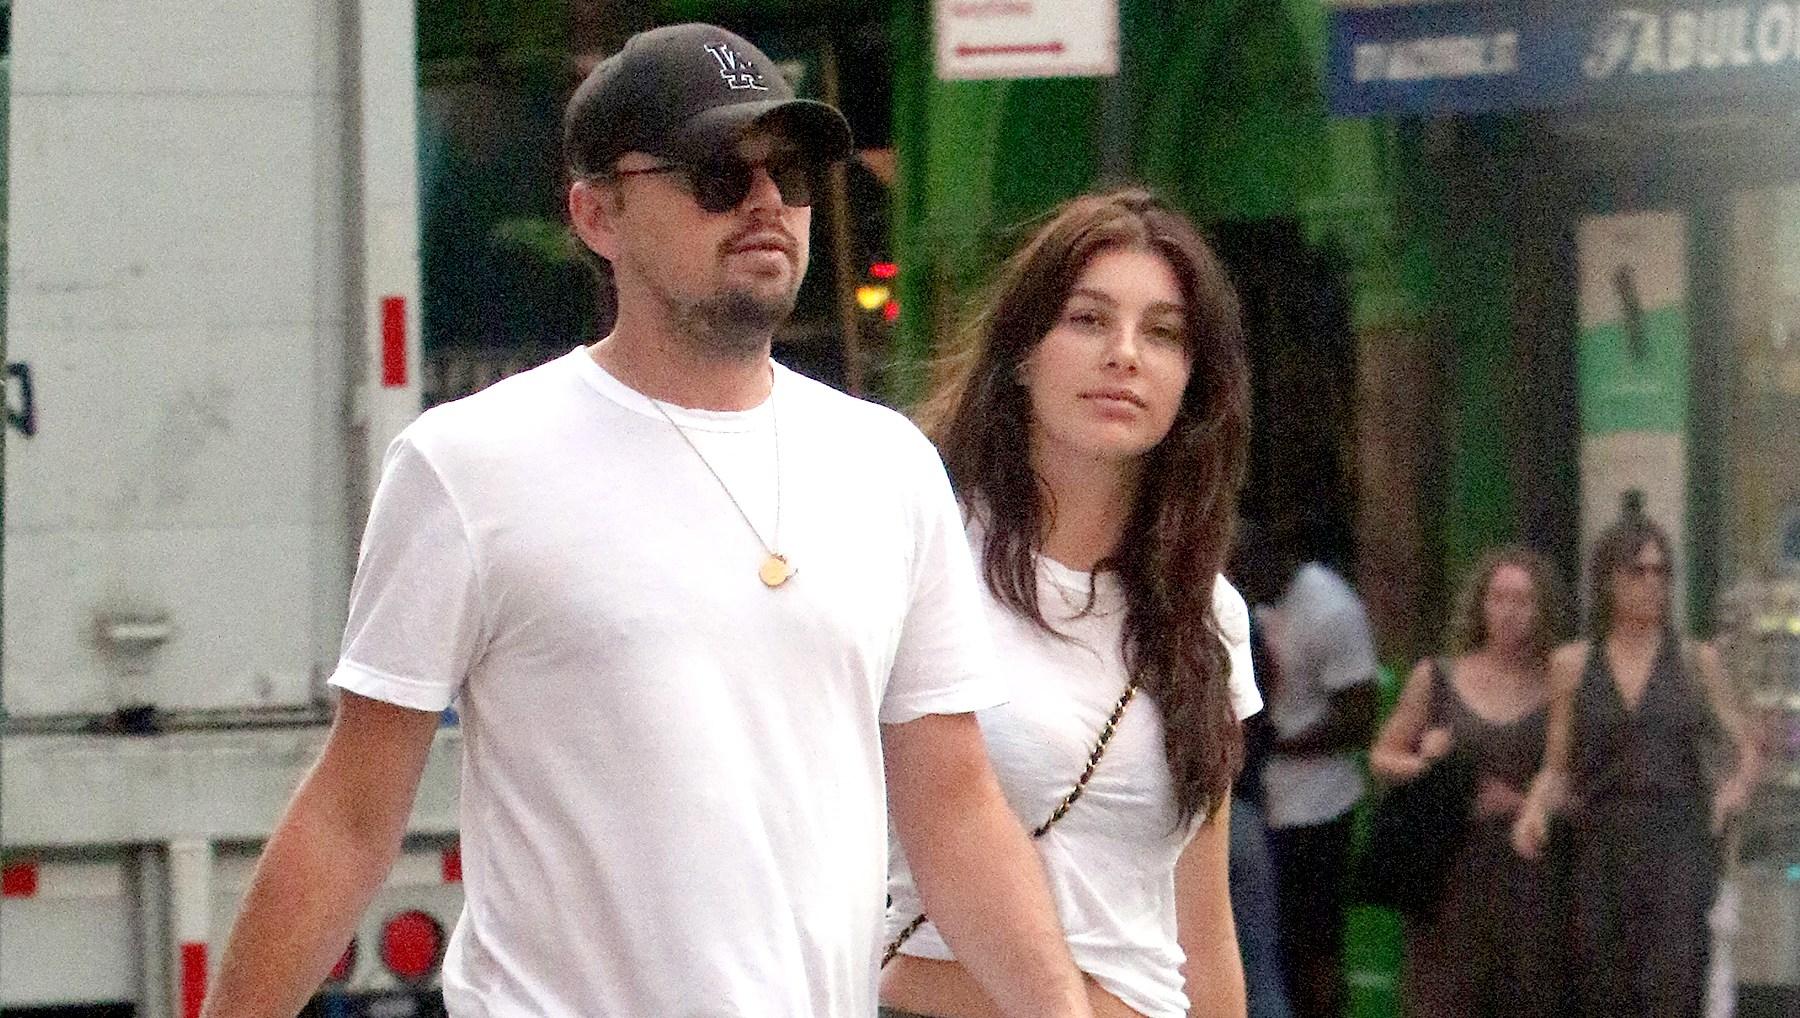 Camila-Morrone-and-Leonardo-DiCaprio